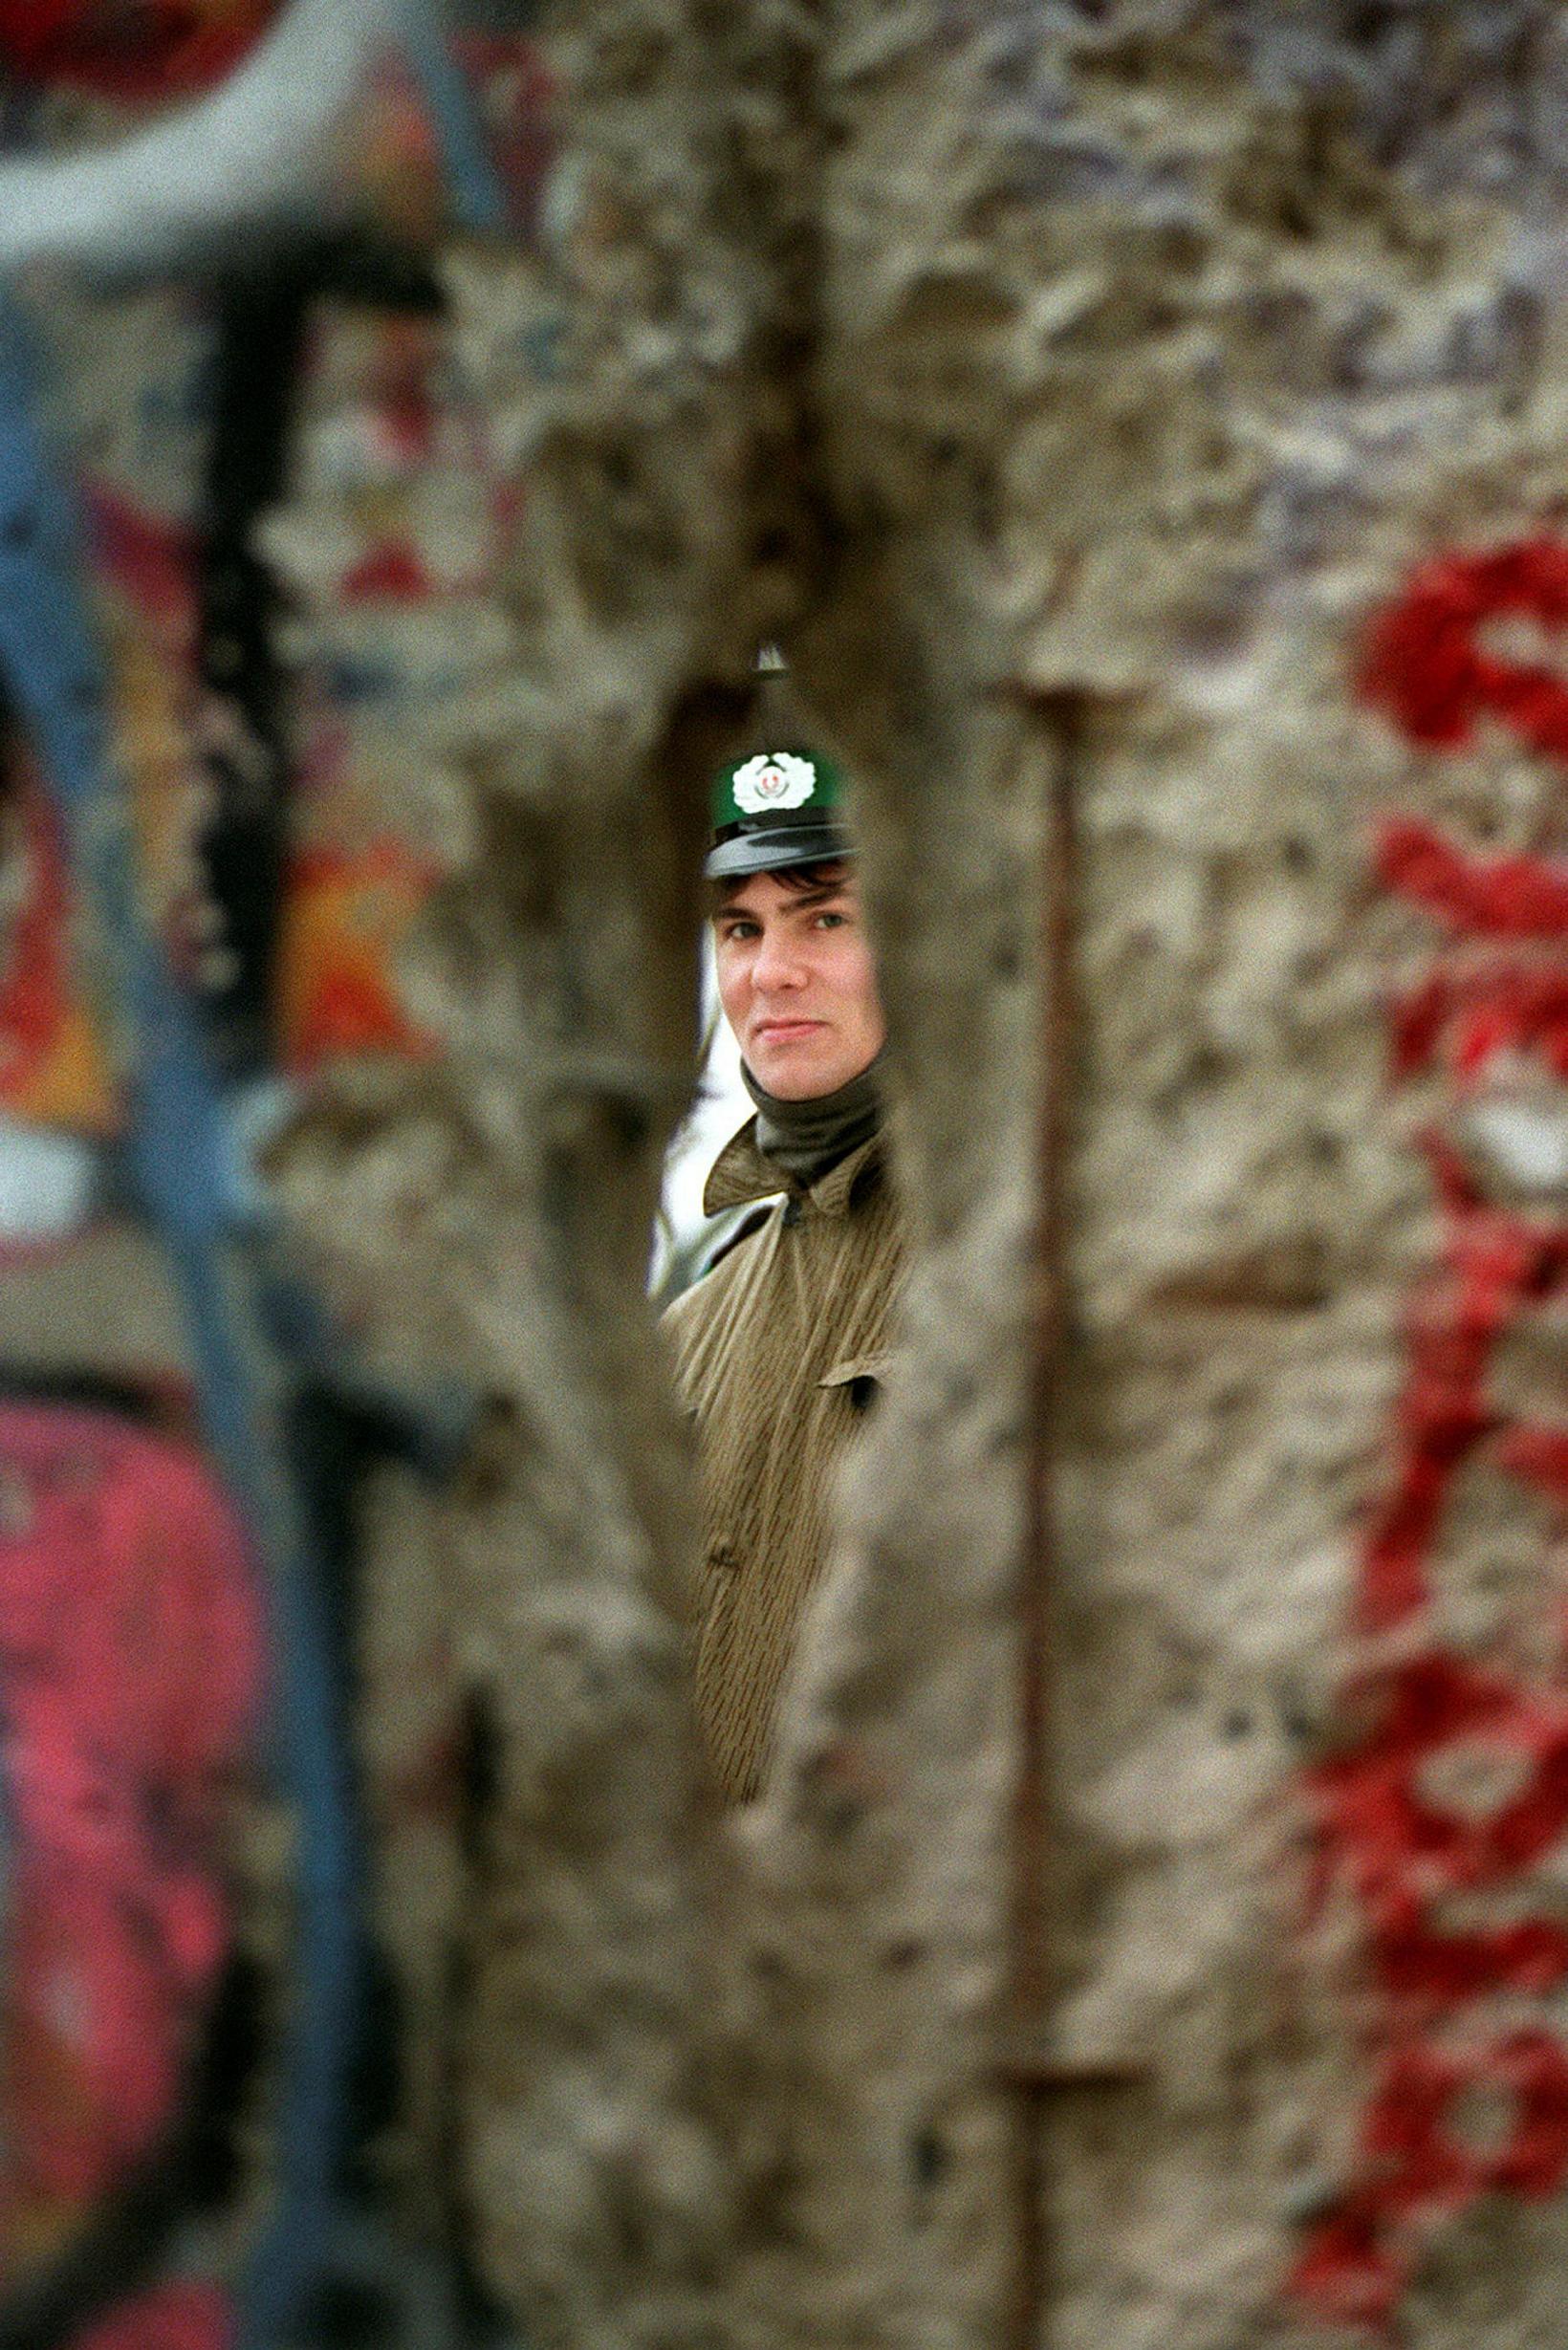 Austurþýskur hermaður gægist handan múrsins 1989, sem er þegar settur ...